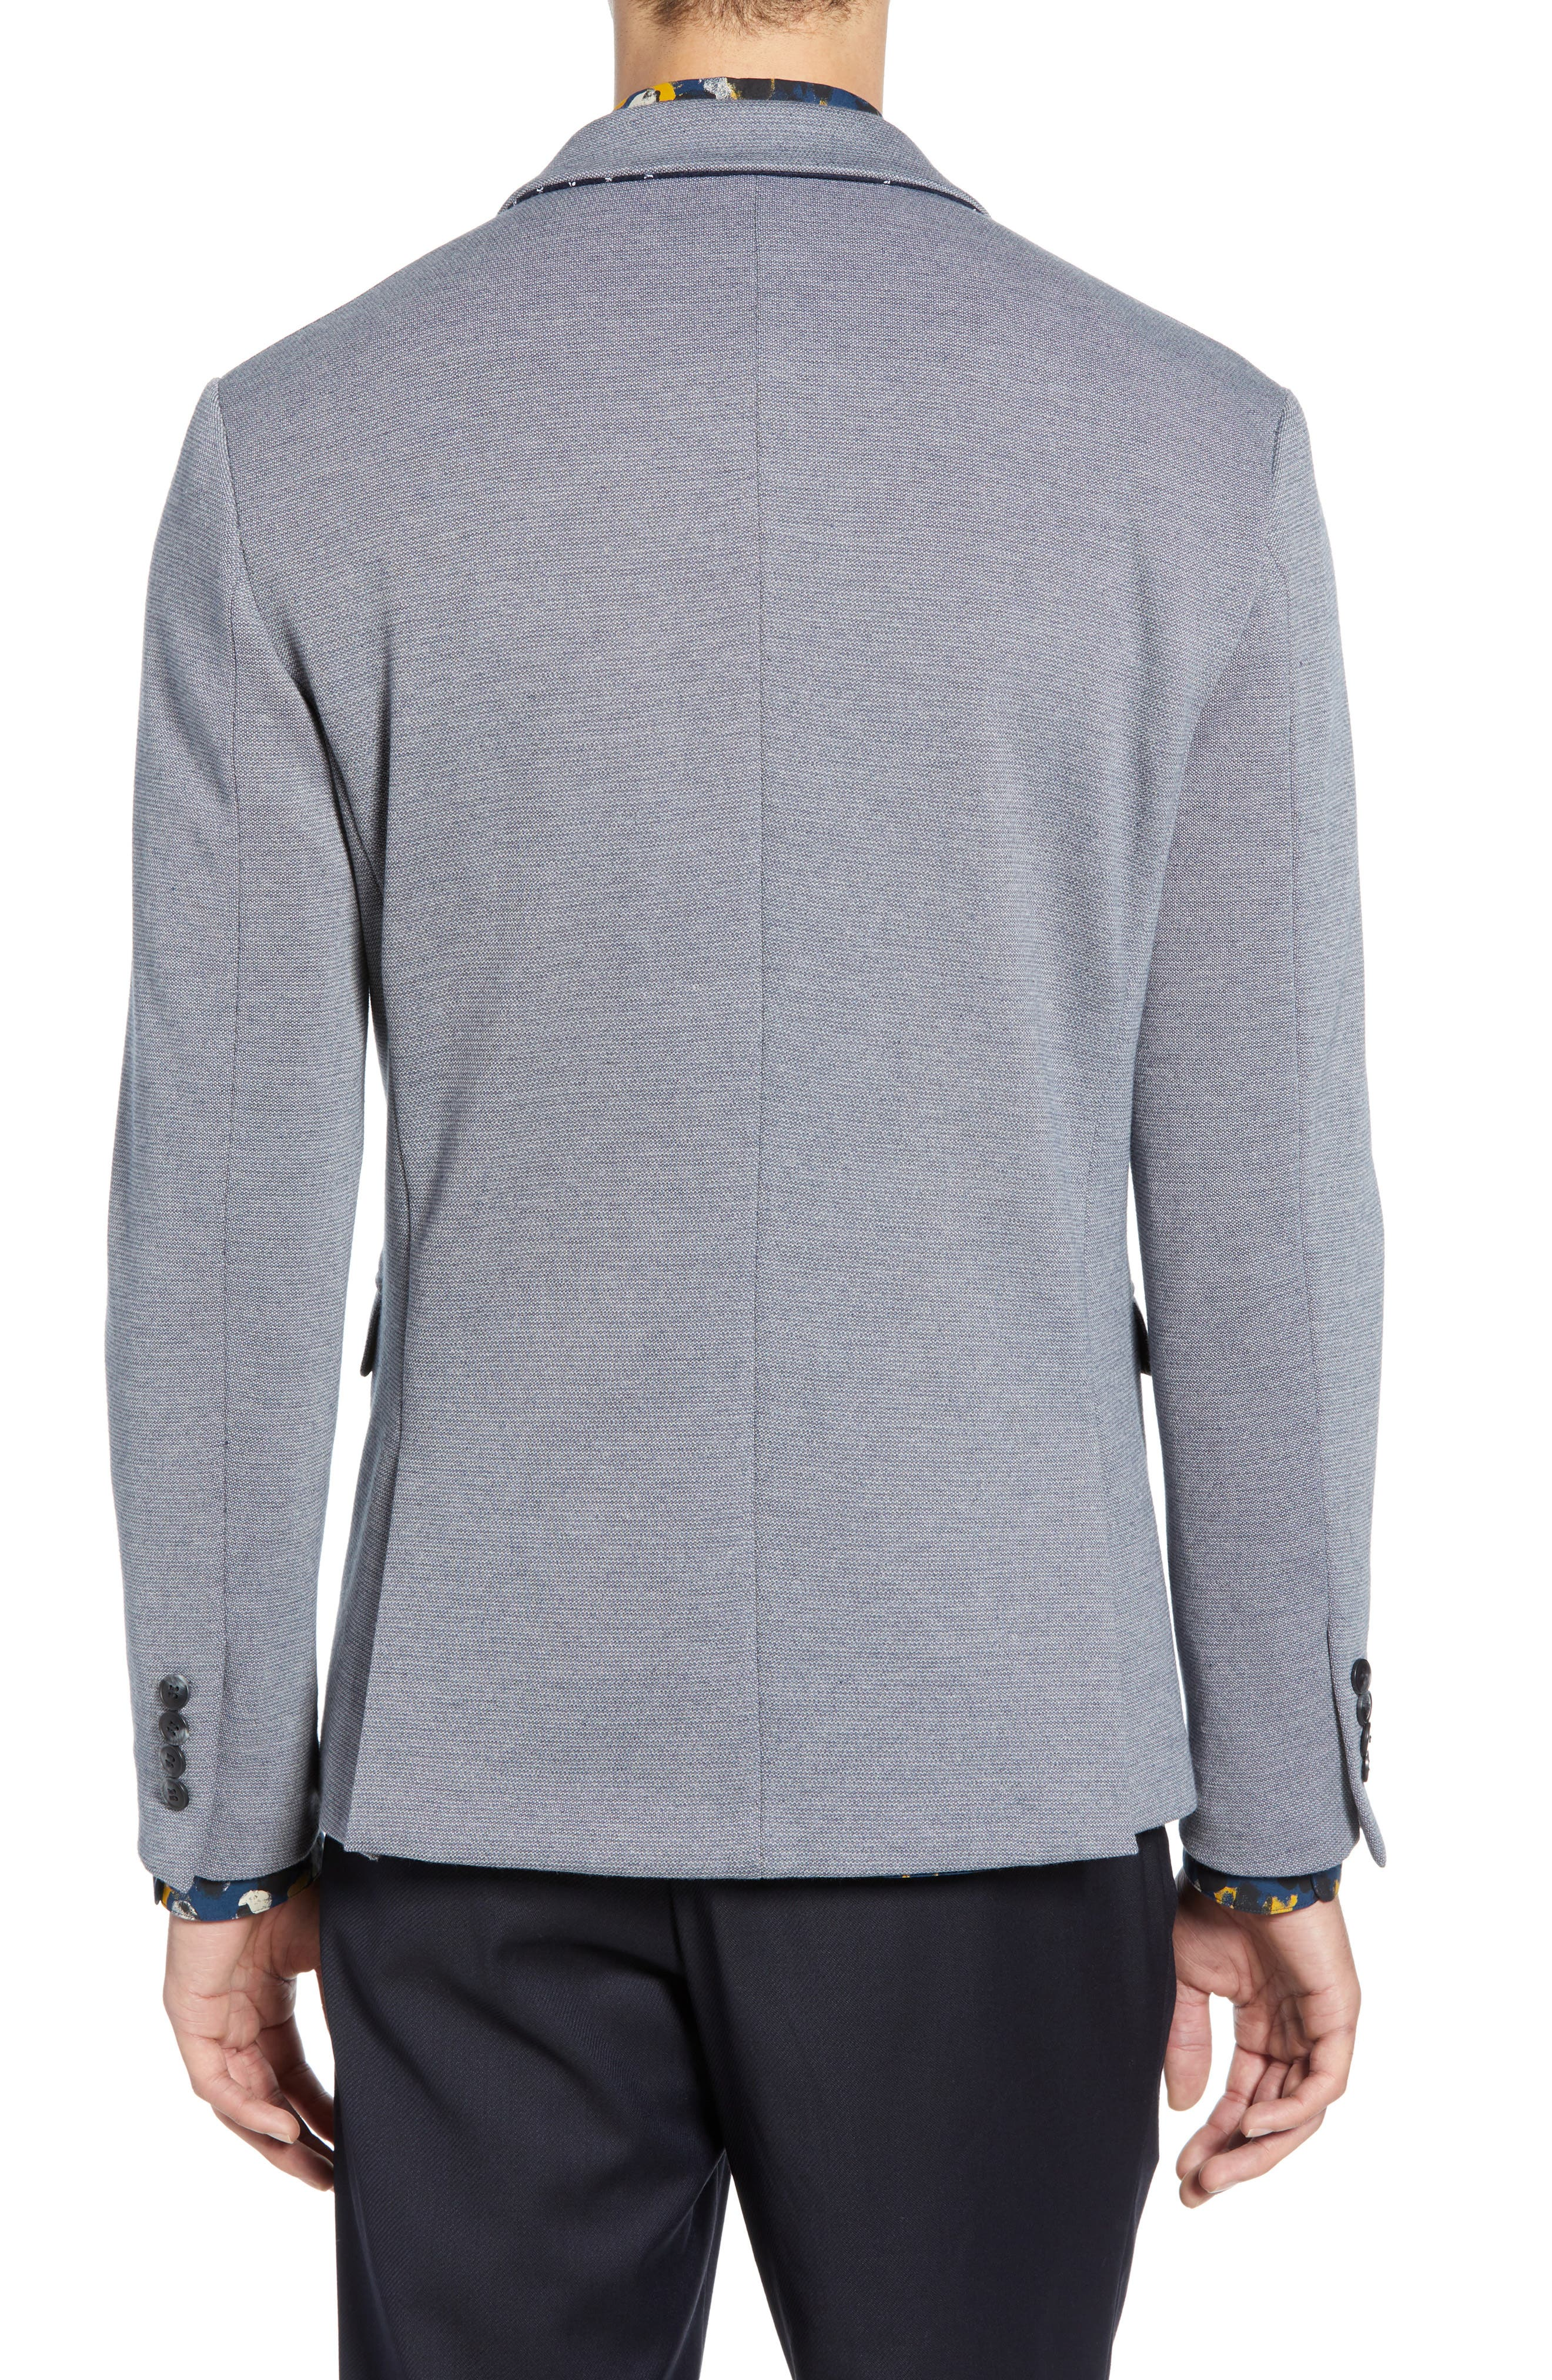 SELECTED HOMME, Slim Fit Sport Coat, Alternate thumbnail 2, color, GREY MELANGE